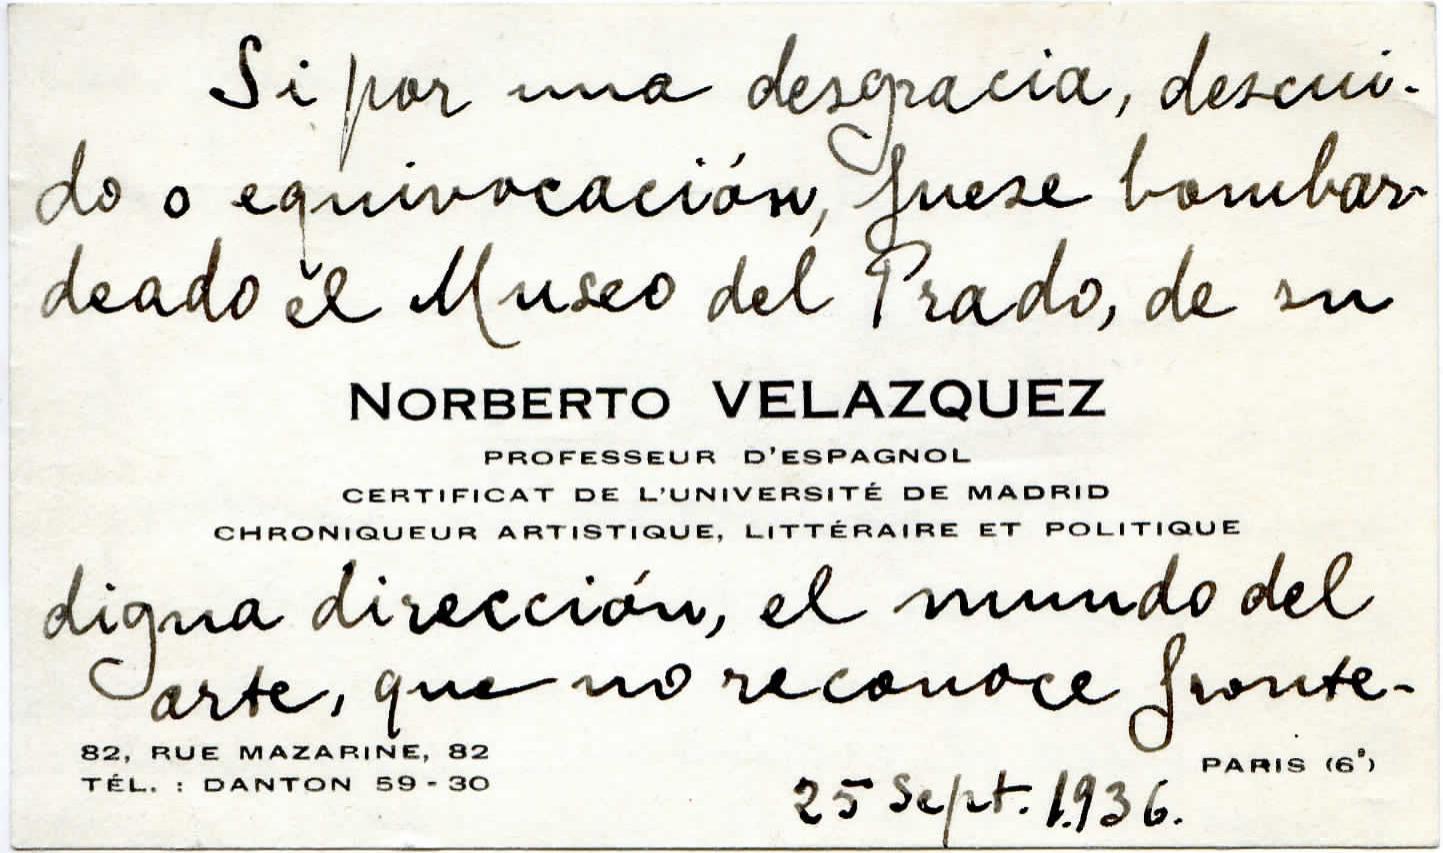 Archives du Prado : Le musée madrilène pendant la guerre civile